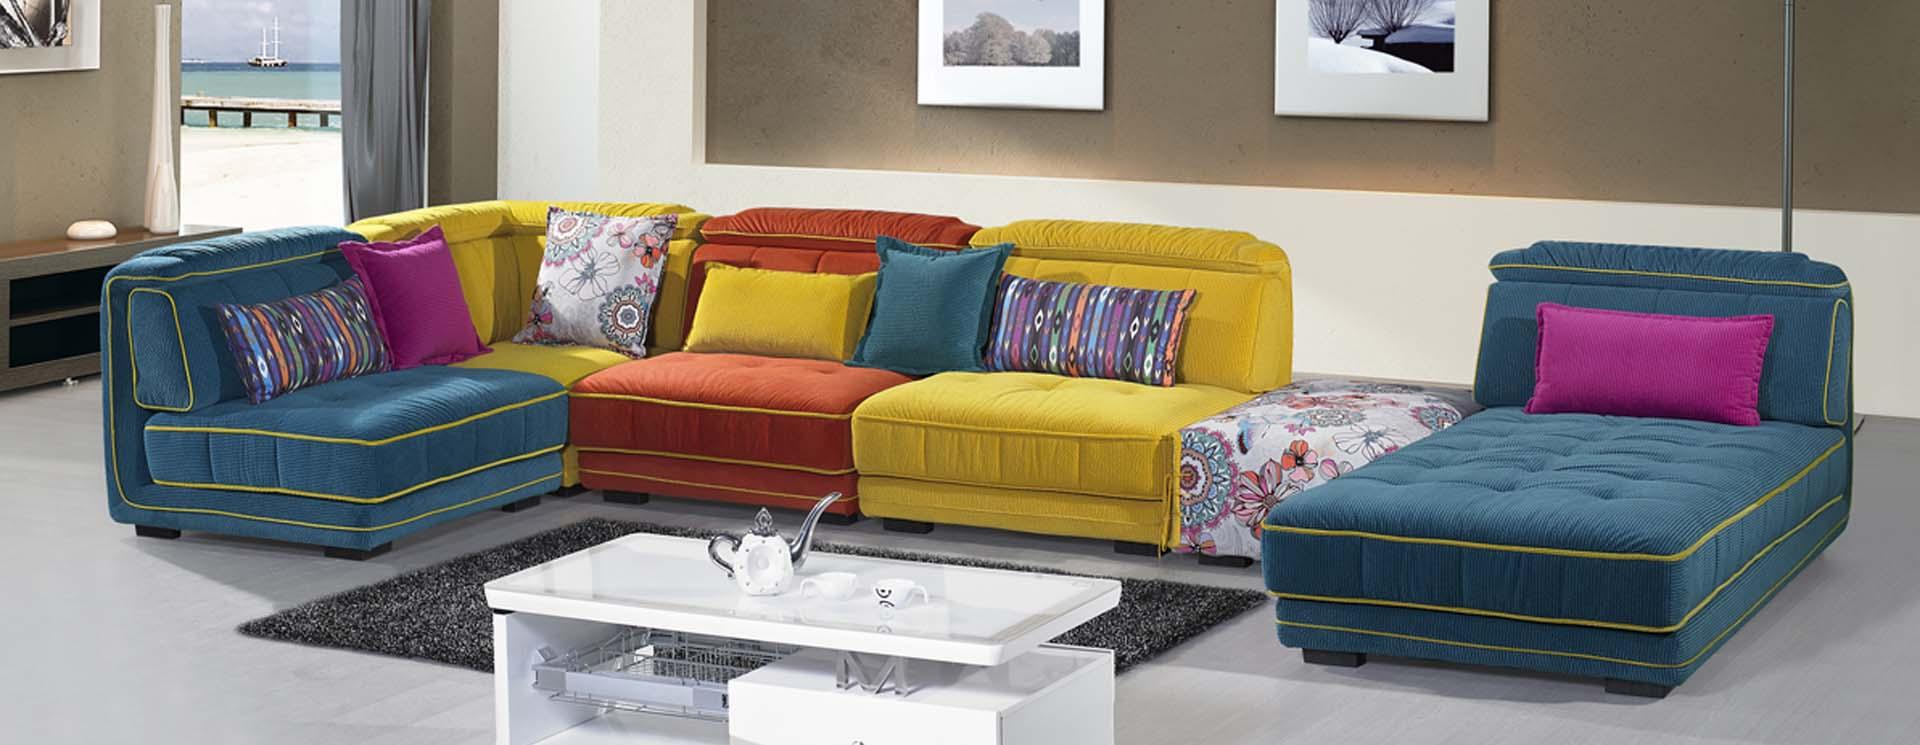 名称:沙发E-690B#<br/> 市场价:<font style='color:#999;text-decoration:line-through;'>¥0</font><br />全国统一零售价:<font color='Red'>¥0.0</font>